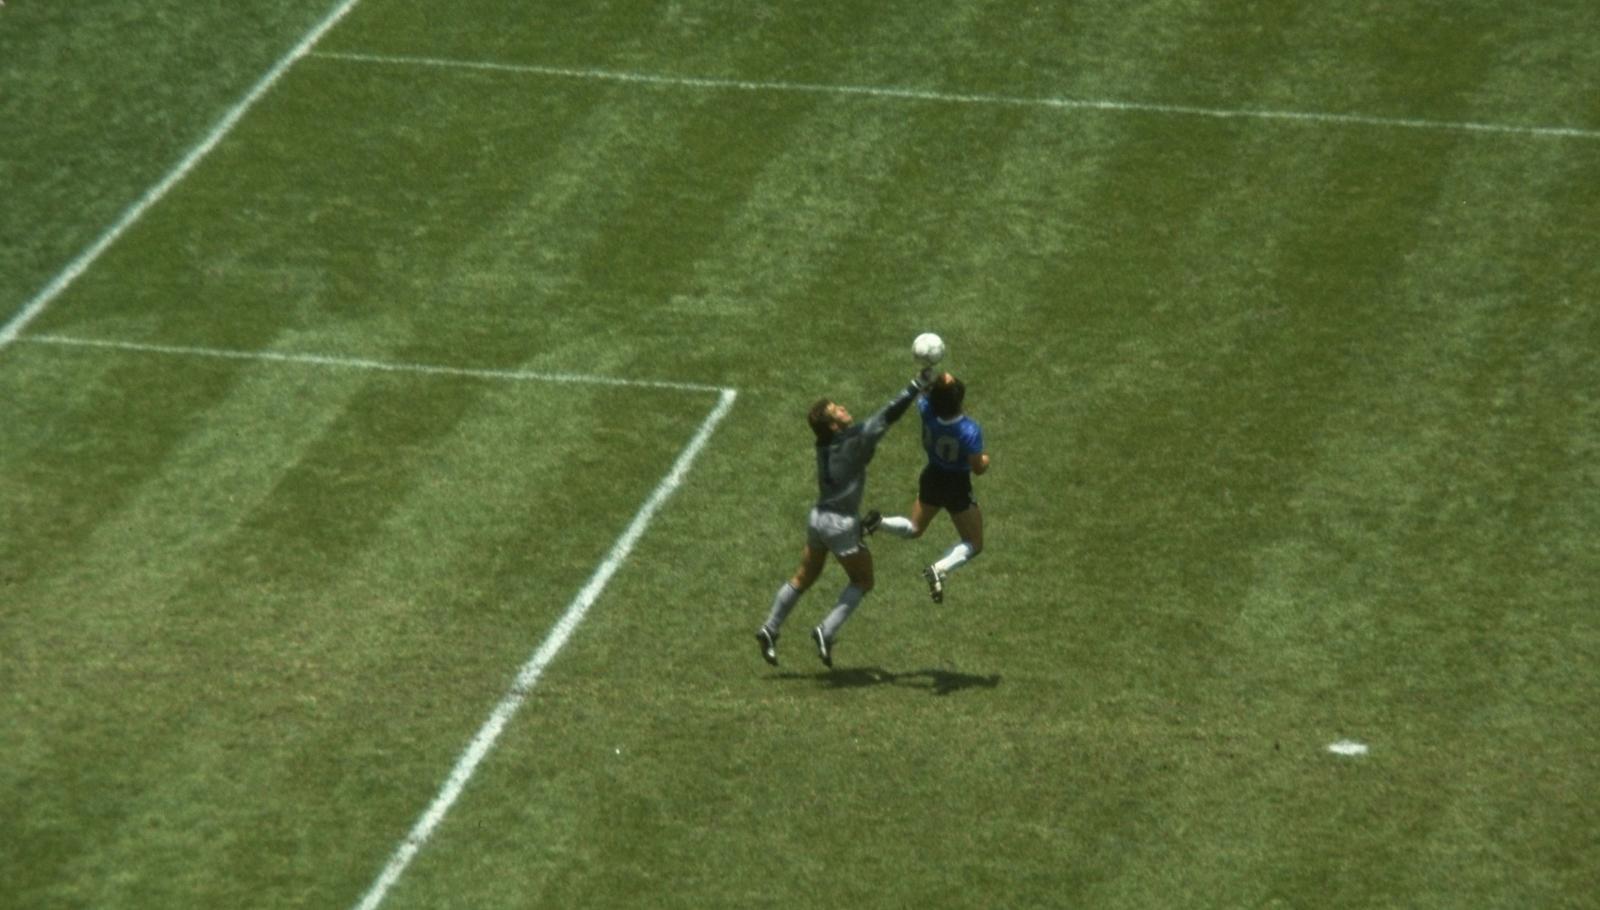 Contre quelle équipe Maradona a-t-il inscrit